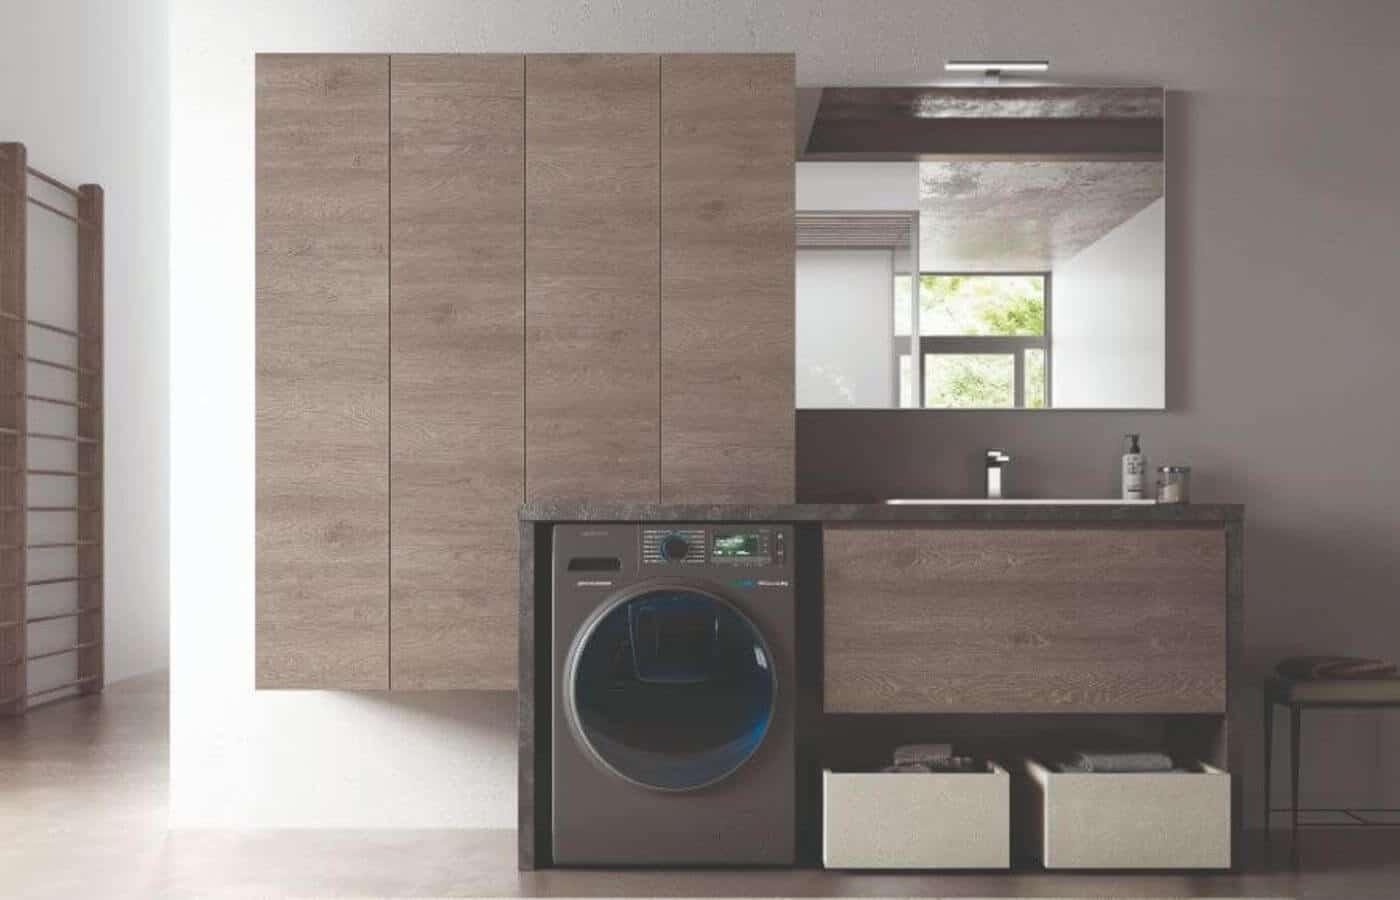 bagni-base-lavatrice-collezione-laundry-legno-il-mobile (1)